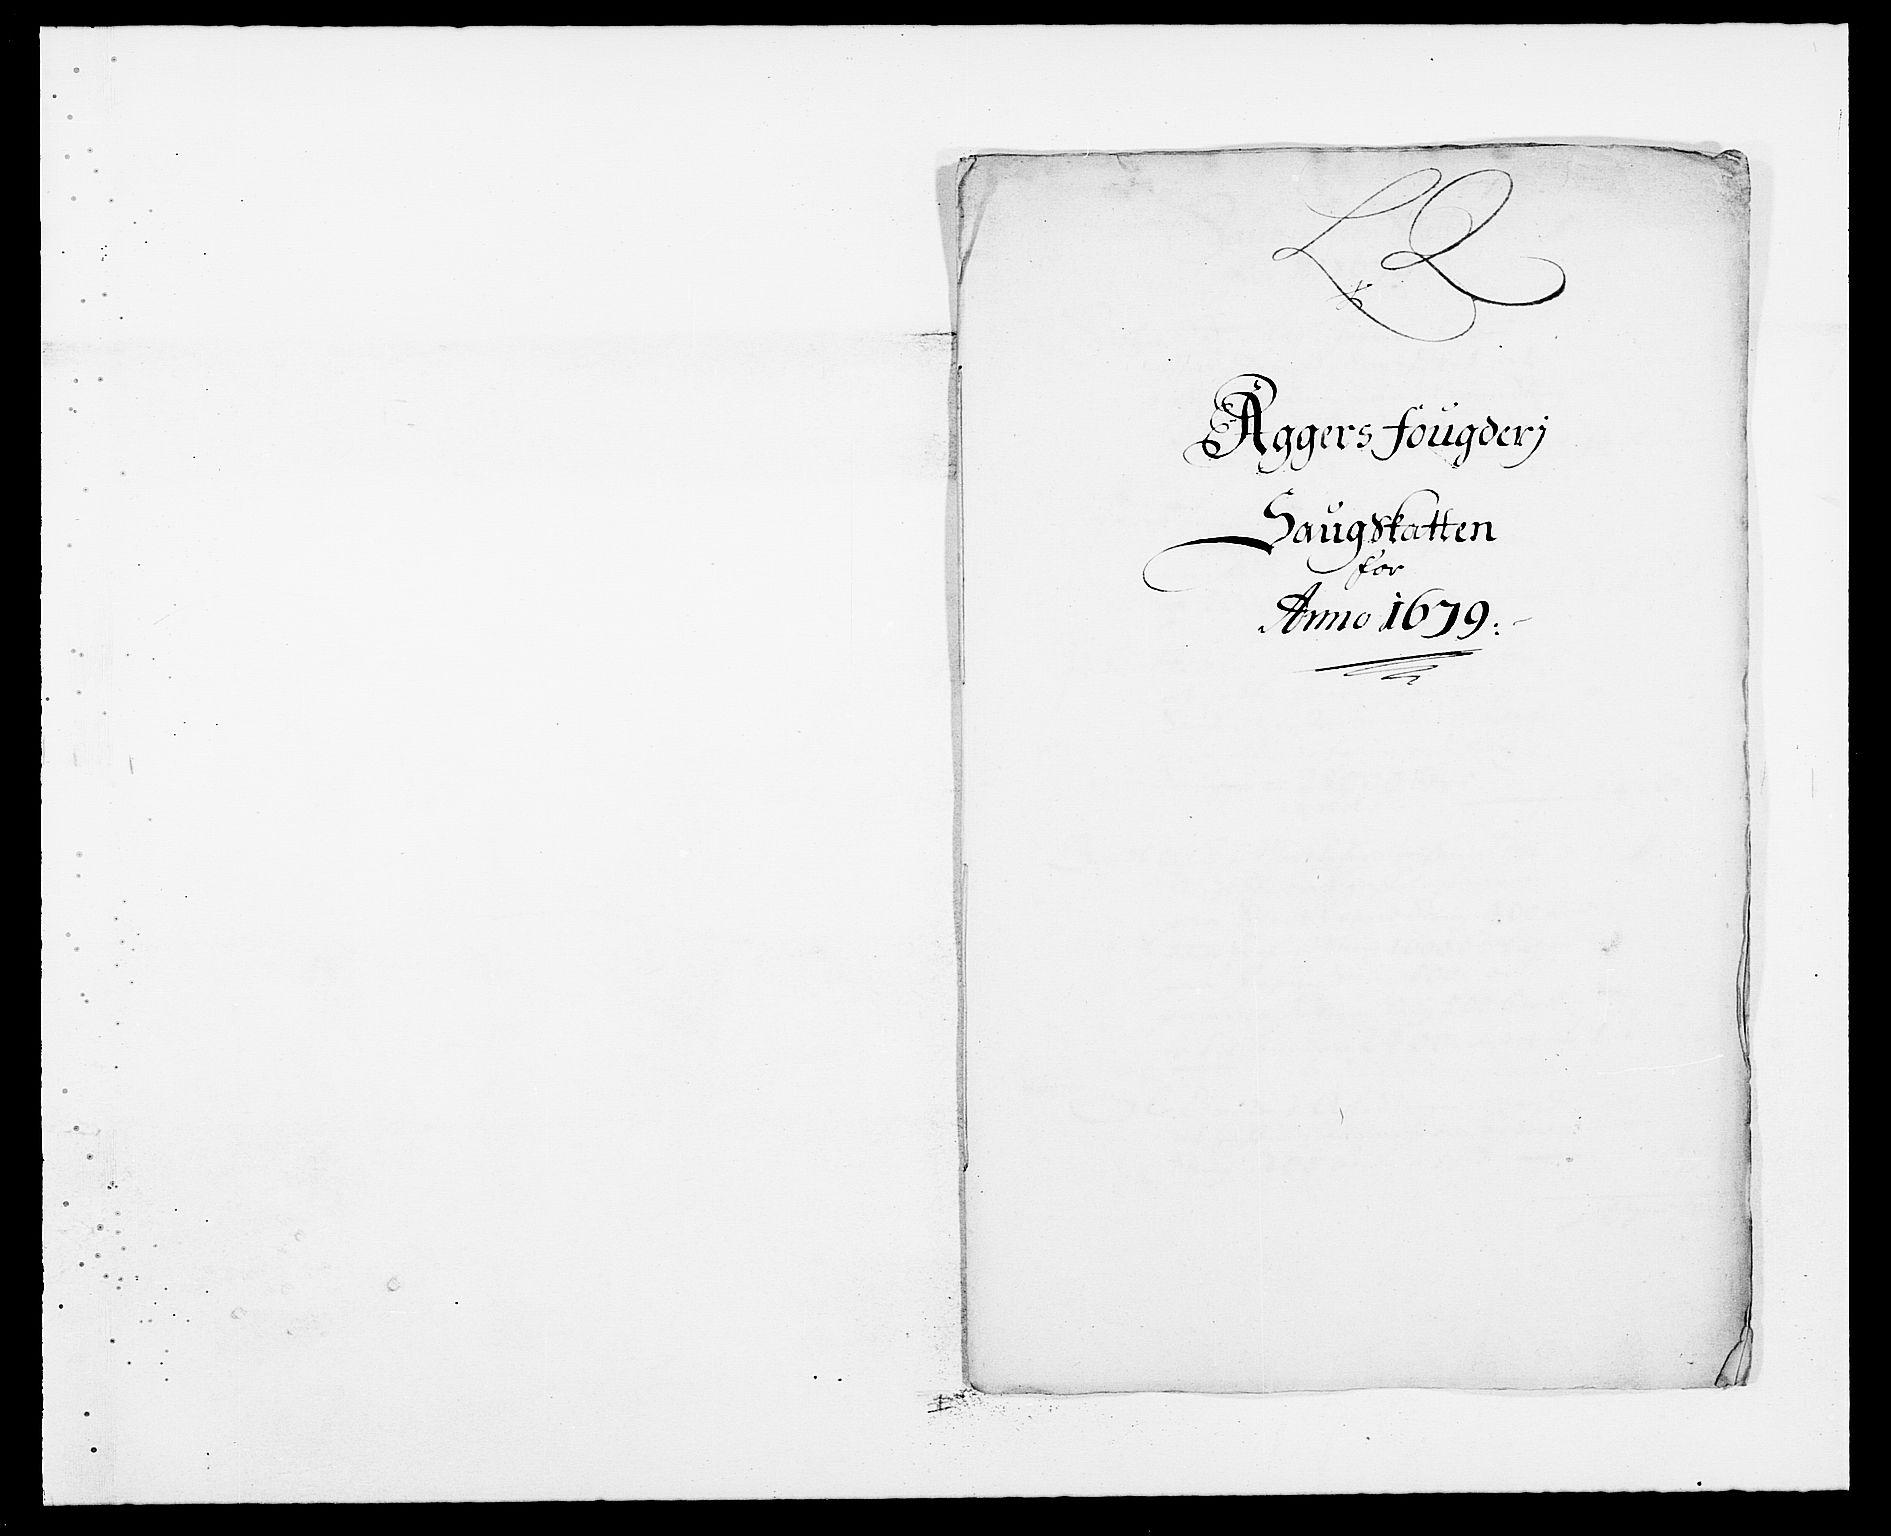 RA, Rentekammeret inntil 1814, Reviderte regnskaper, Fogderegnskap, R08/L0416: Fogderegnskap Aker, 1678-1681, s. 450